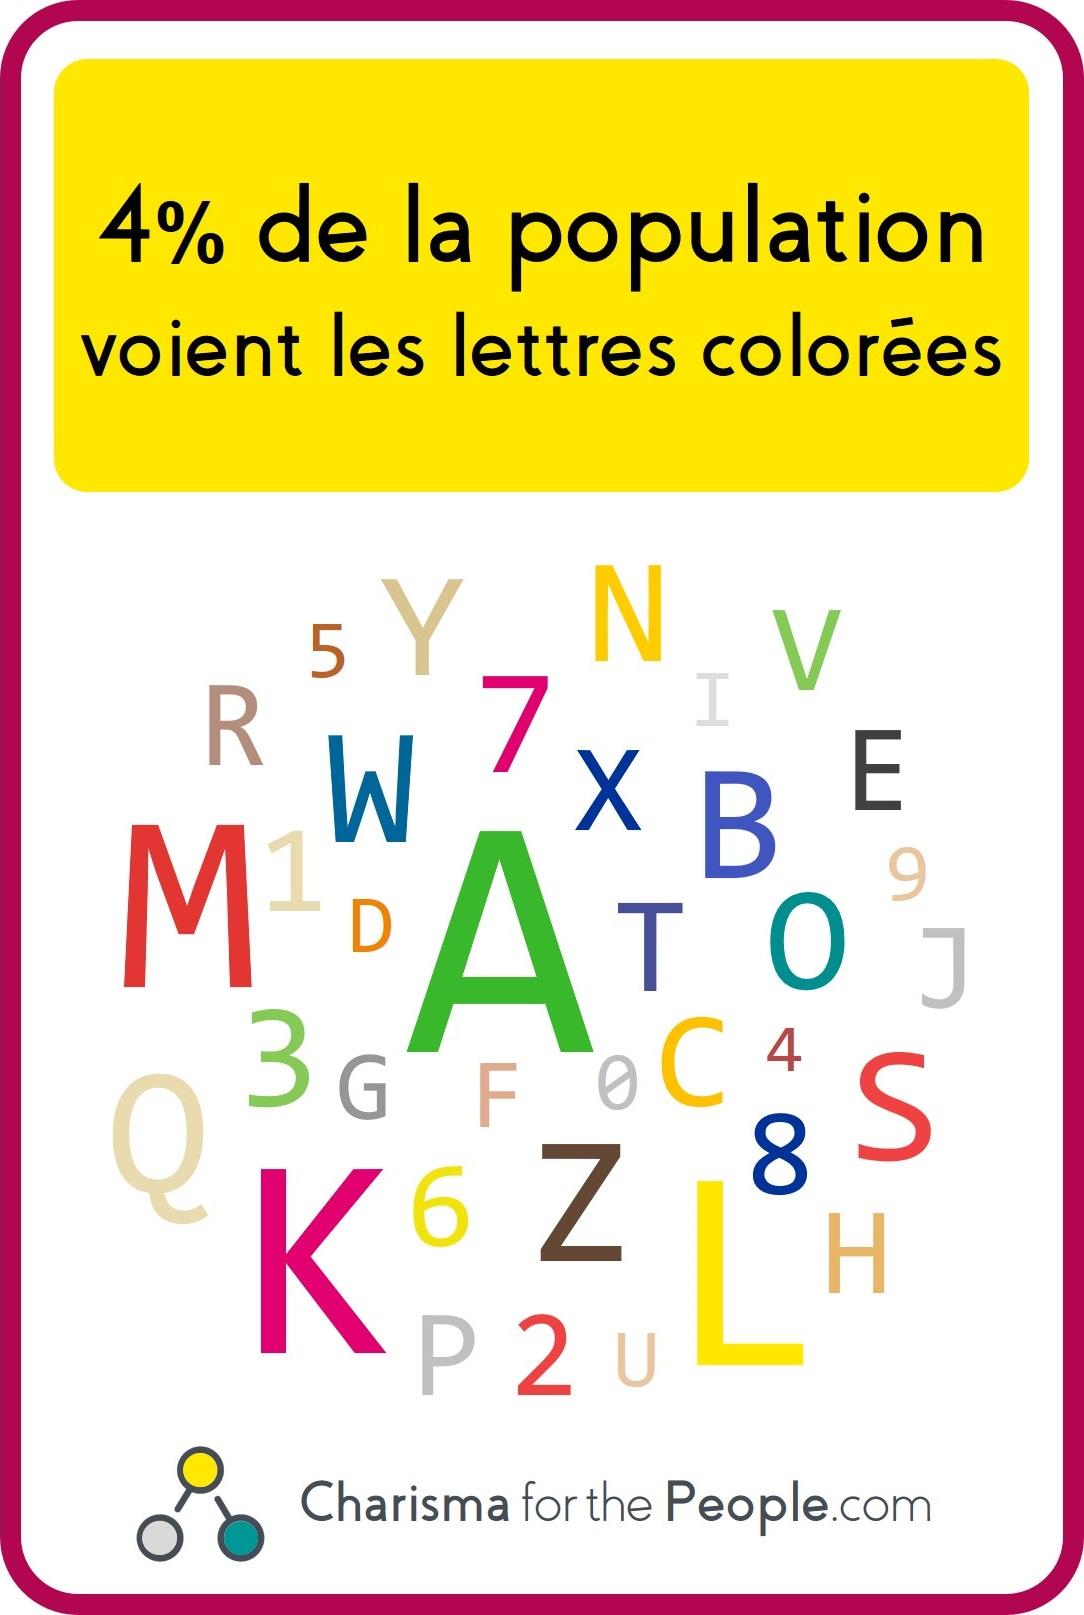 Synesthésie graphèmes couleurs - comment je vois les lettres en couleurs